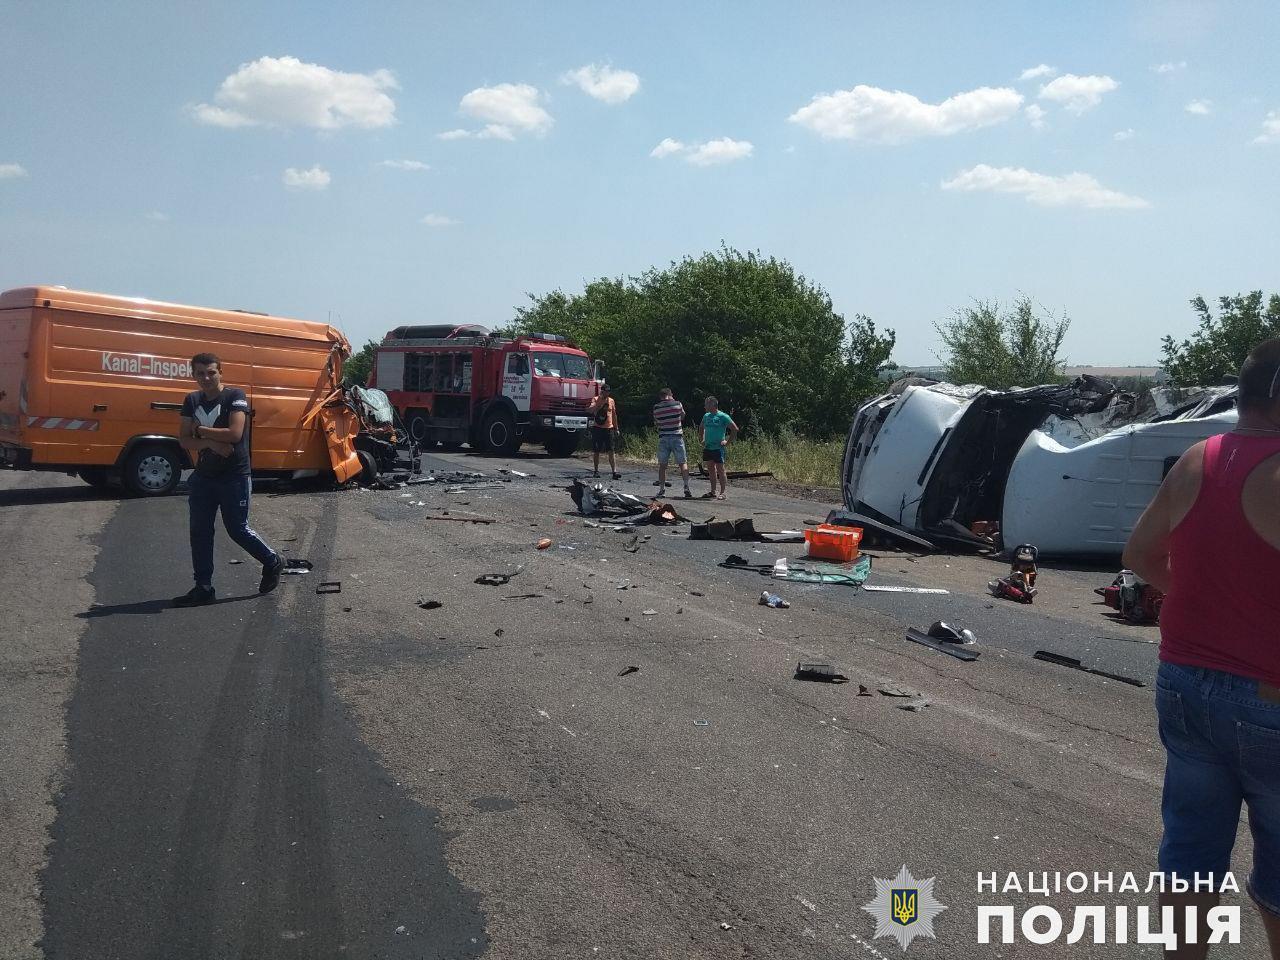 ДТП в Николаевской области: один погибший, 15 пострадавших - фото